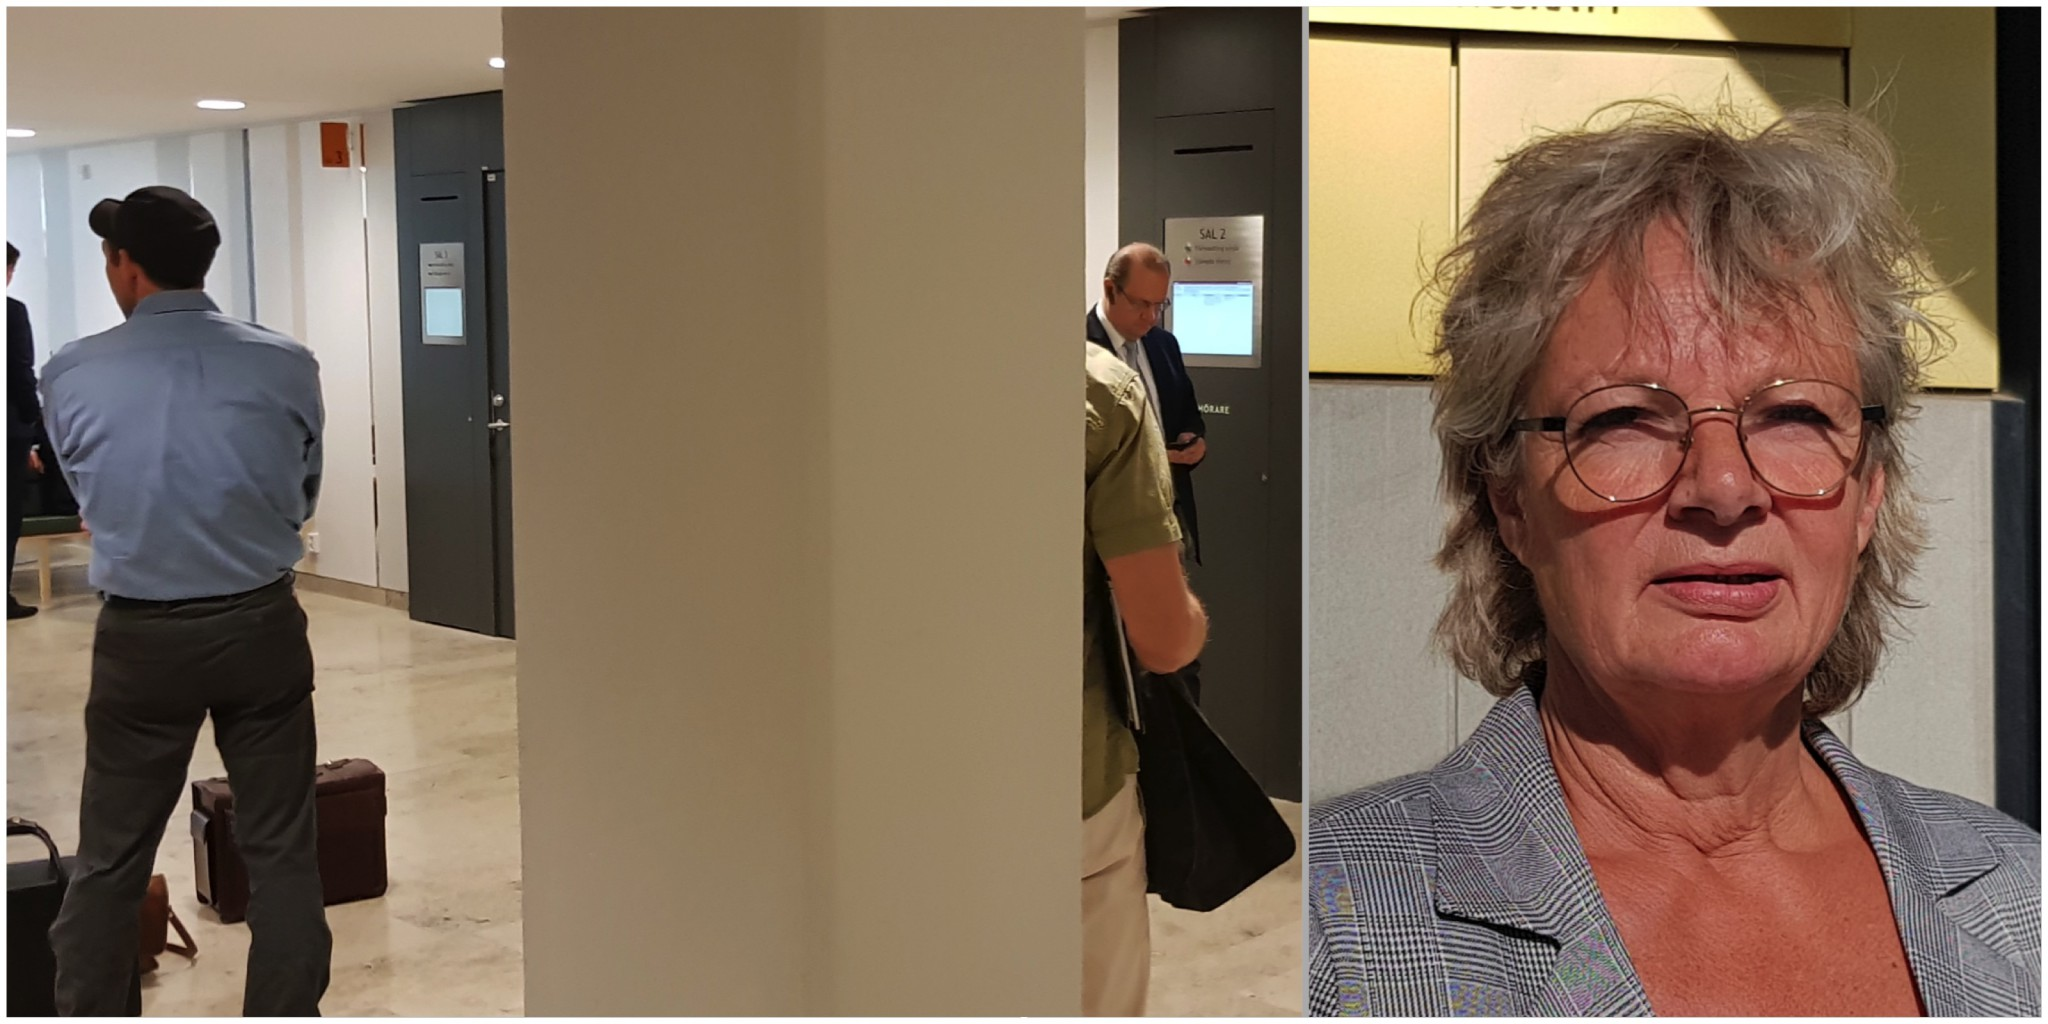 Den 28 maj inleds hovrättsrättegången i den så kallade jaktbrottshärvan i Norrbotten. Samtliga tidigare dömda jägare har överklagat tingsrättens dom, liksom åklagare Åse Schoultz, till höger. Foto: Lars-Henrik Andersson